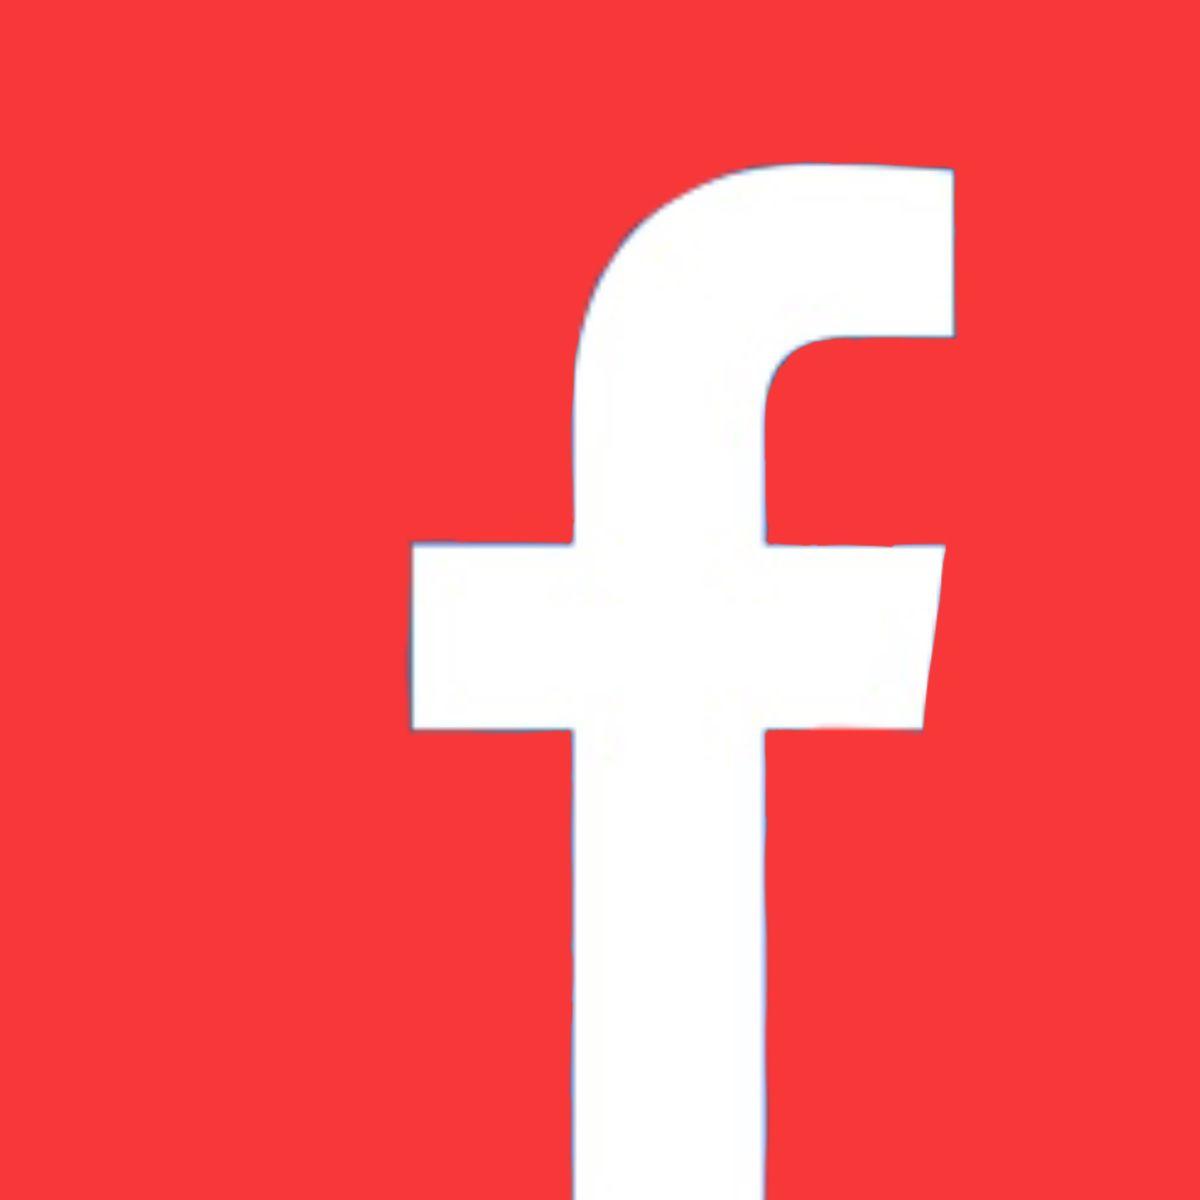 Facebook Red Icon App Icon Icon App